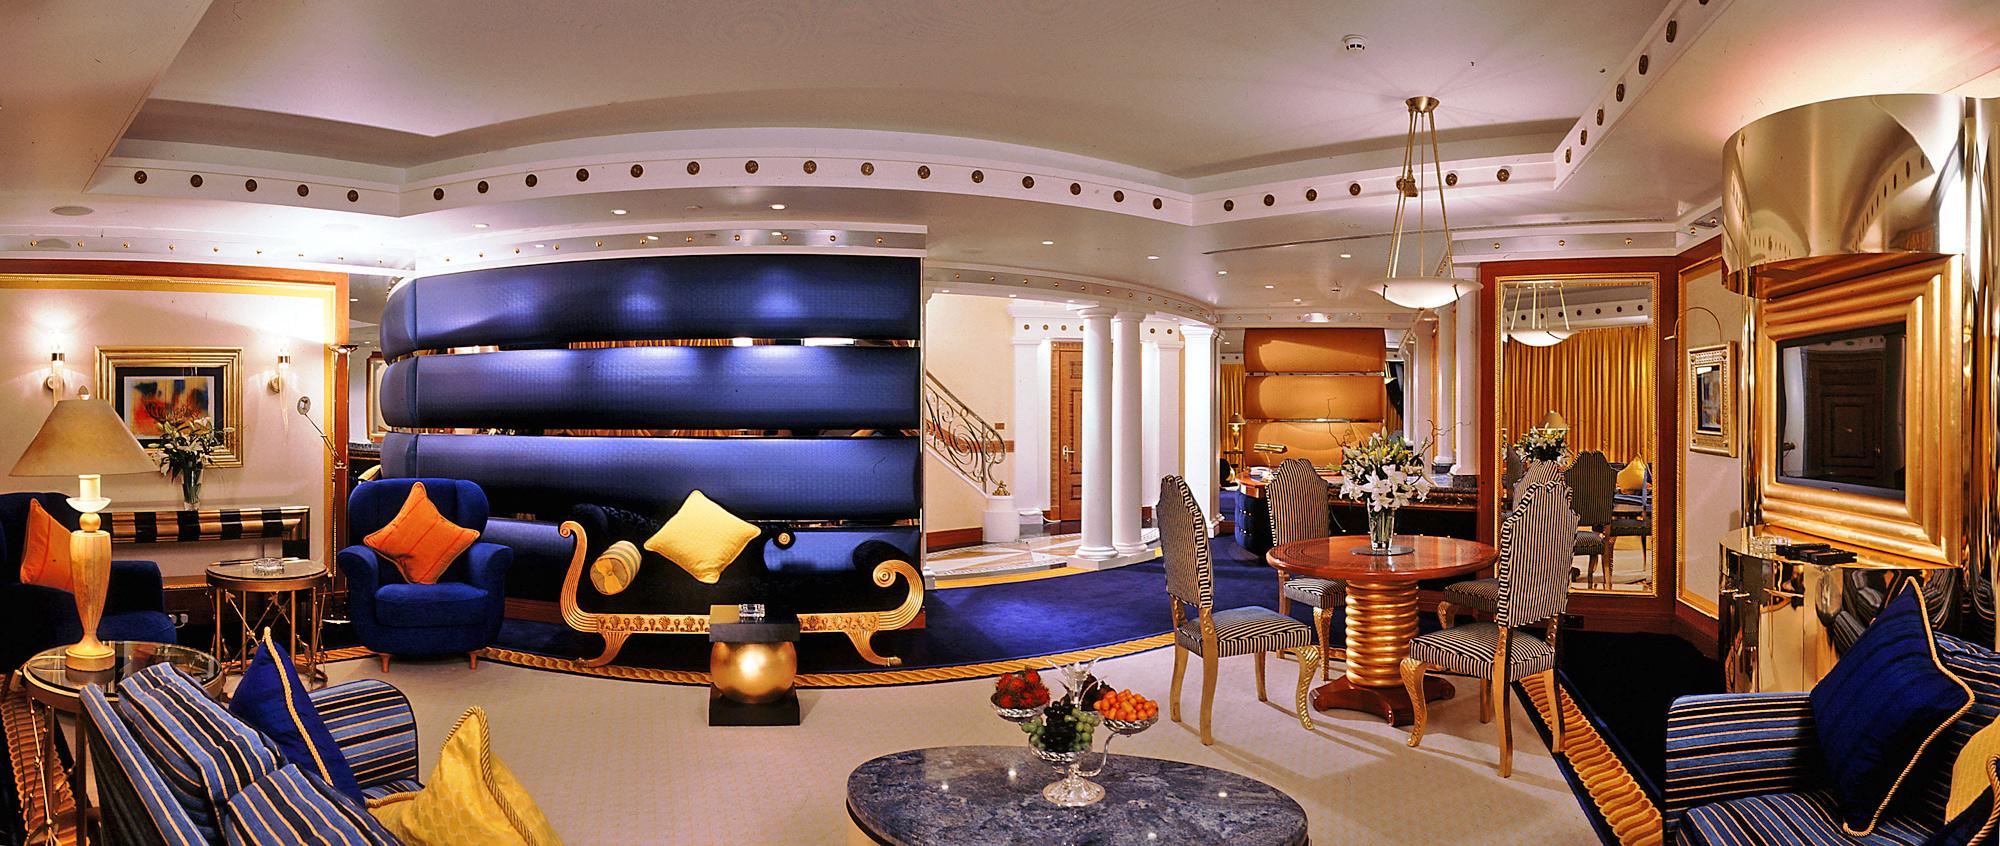 burj al arab hotel dla bogaw 007 Burj al Arab hotel dla Bogów